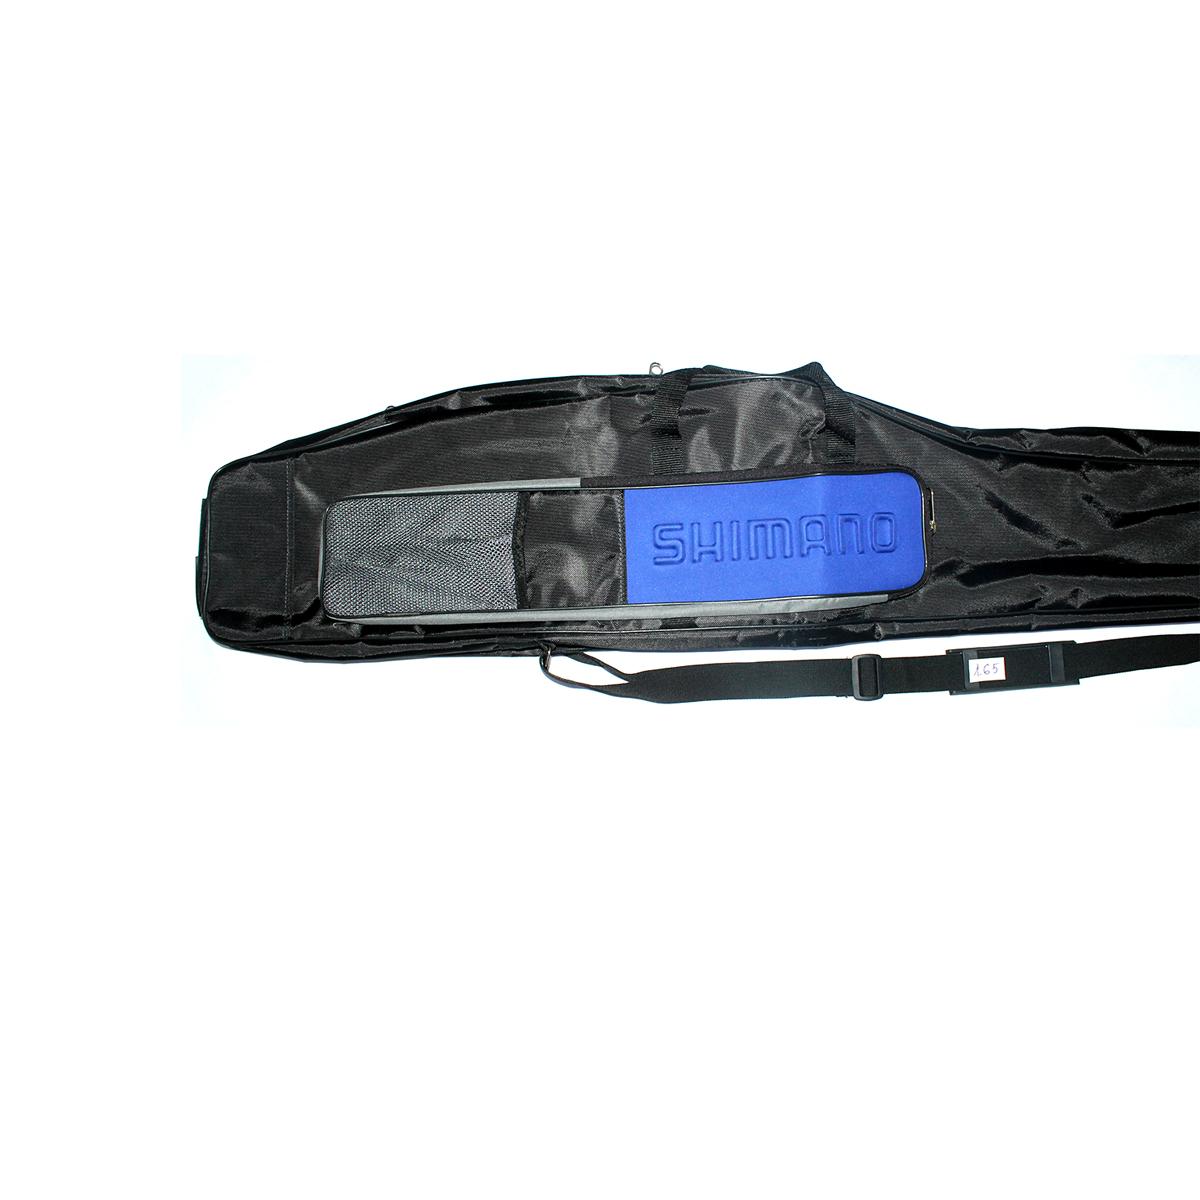 Túi Vải Đựng Cần Câu Máy Hai Khúc 3m3 Shimano Chữ Nổi Hai Ngăn 1m65